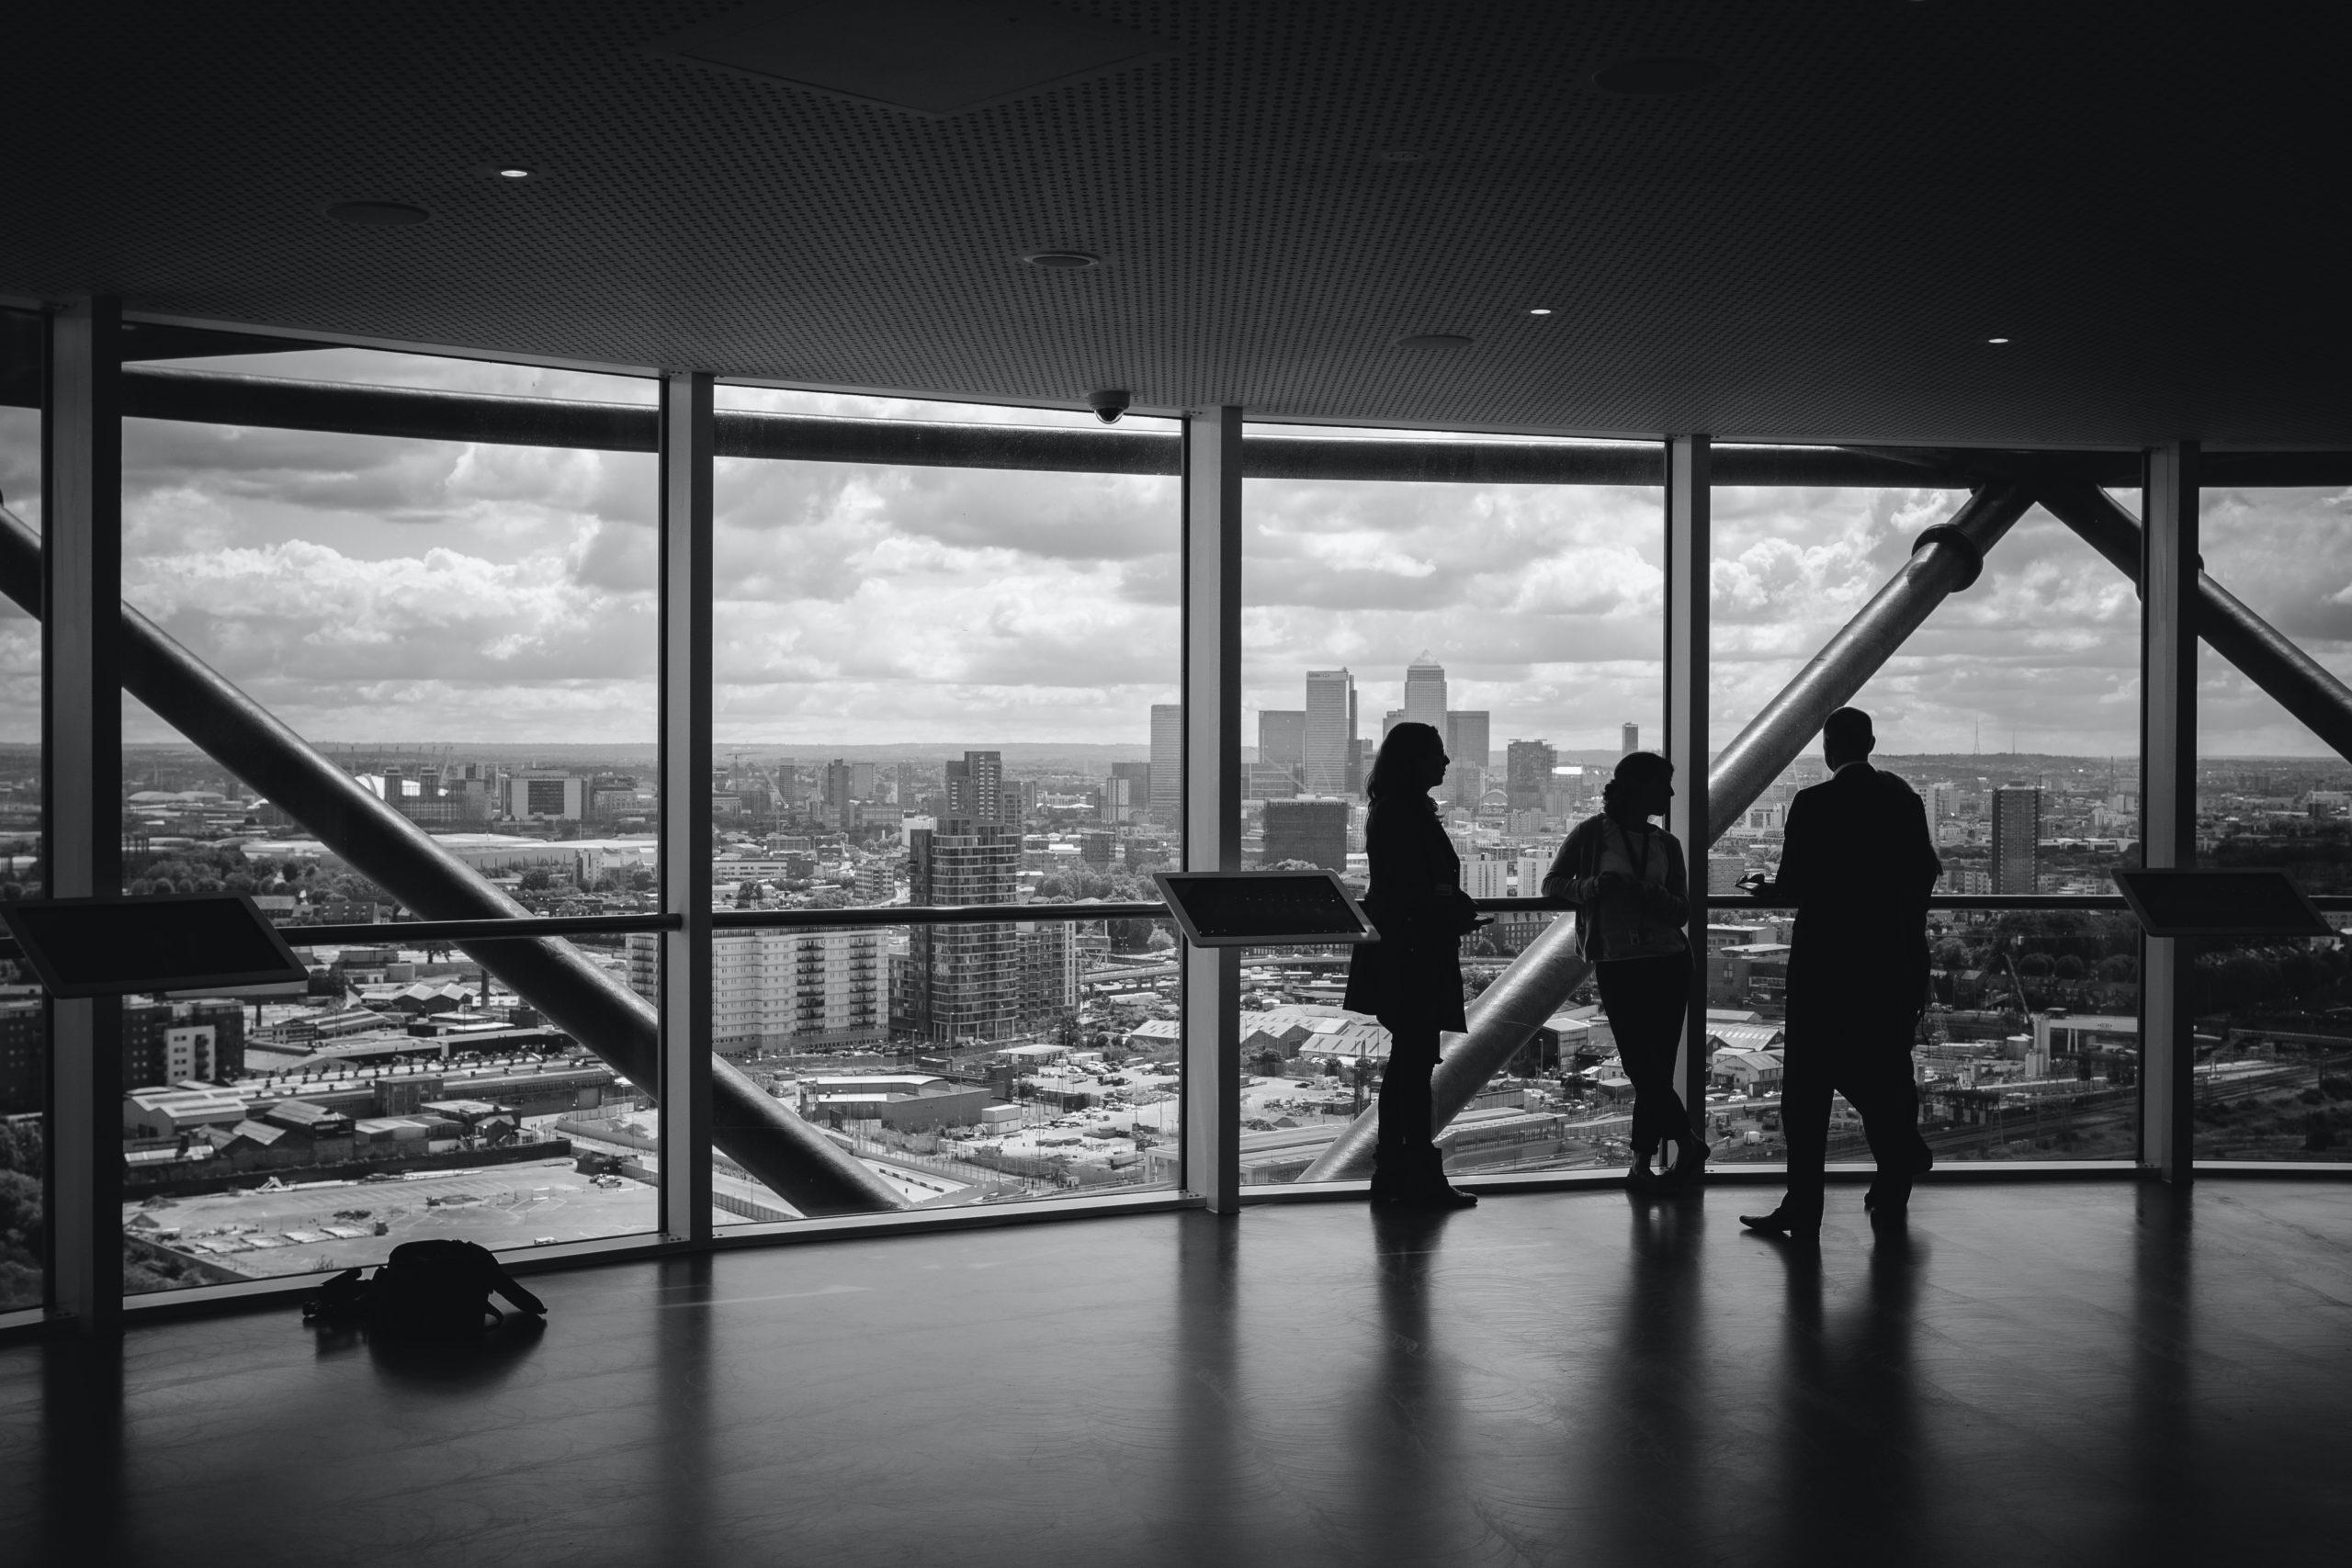 【転職】試用期間中に解雇になる?転職リスクをわかりやすく解説